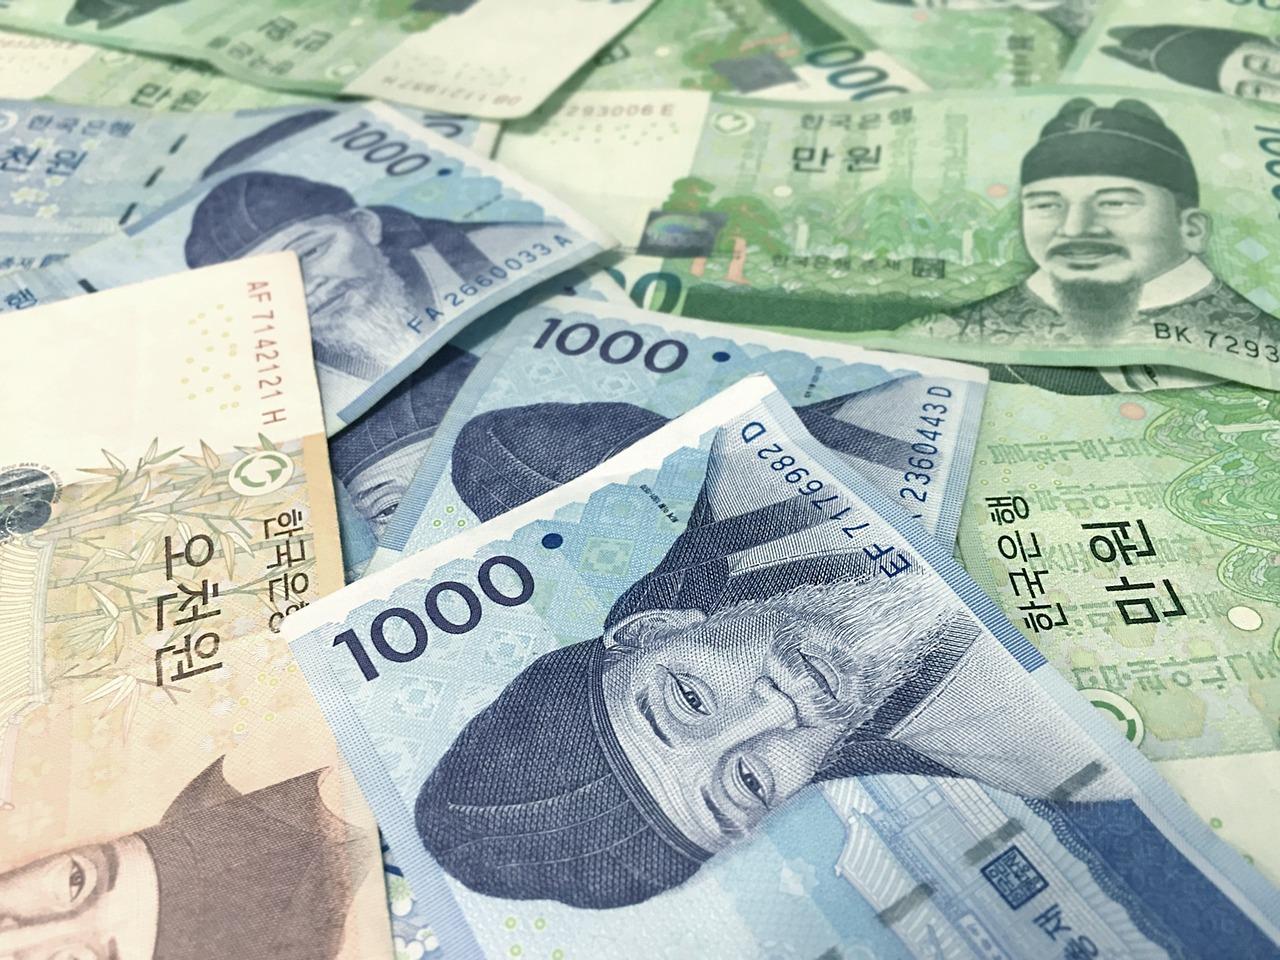 韓国留学におすすめの持ち物と準備